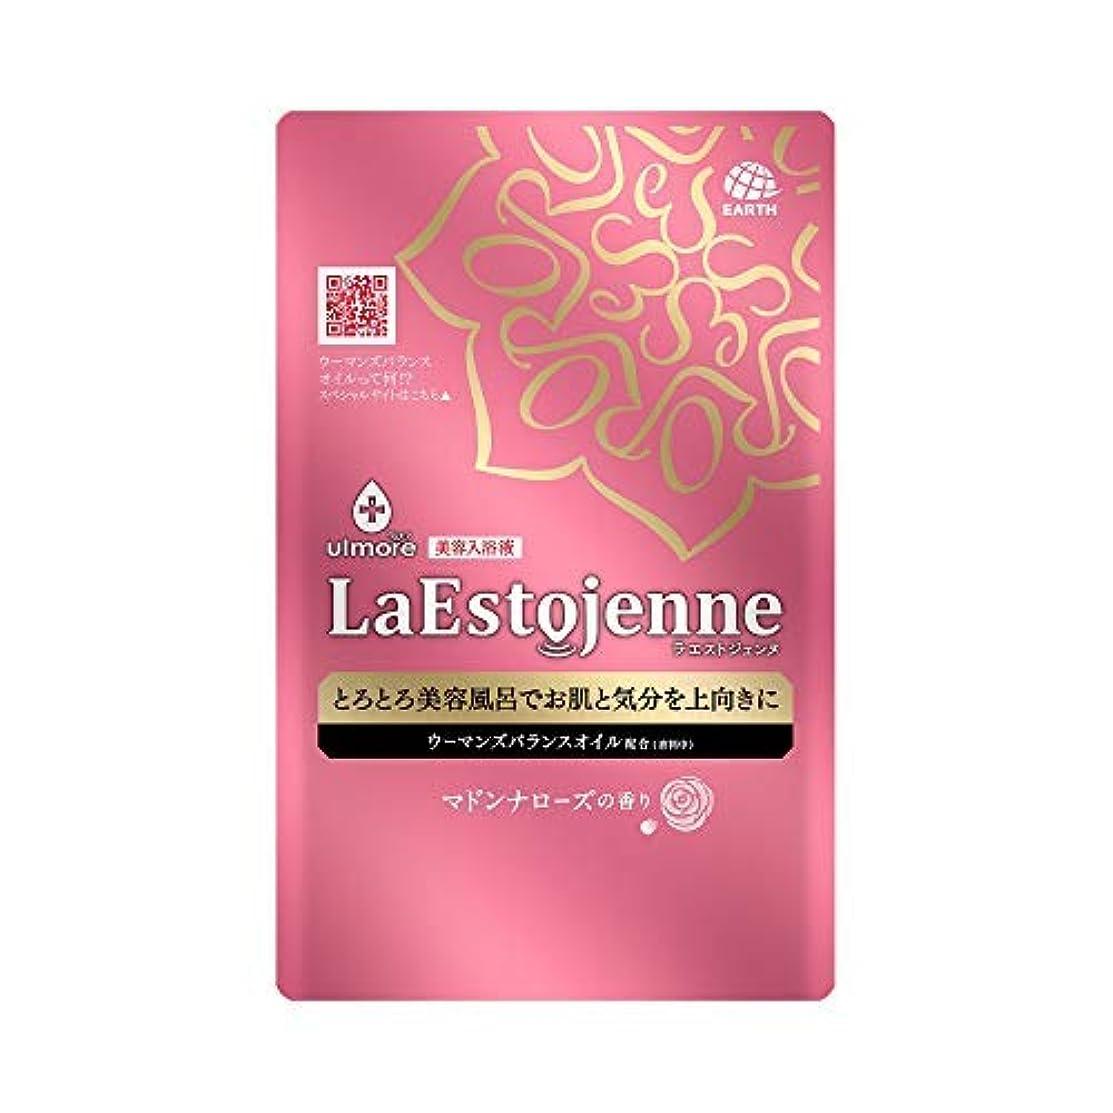 信じる適度な破壊的ウルモア ラエストジェンヌ マドンナローズの香り 1包 × 12個セット